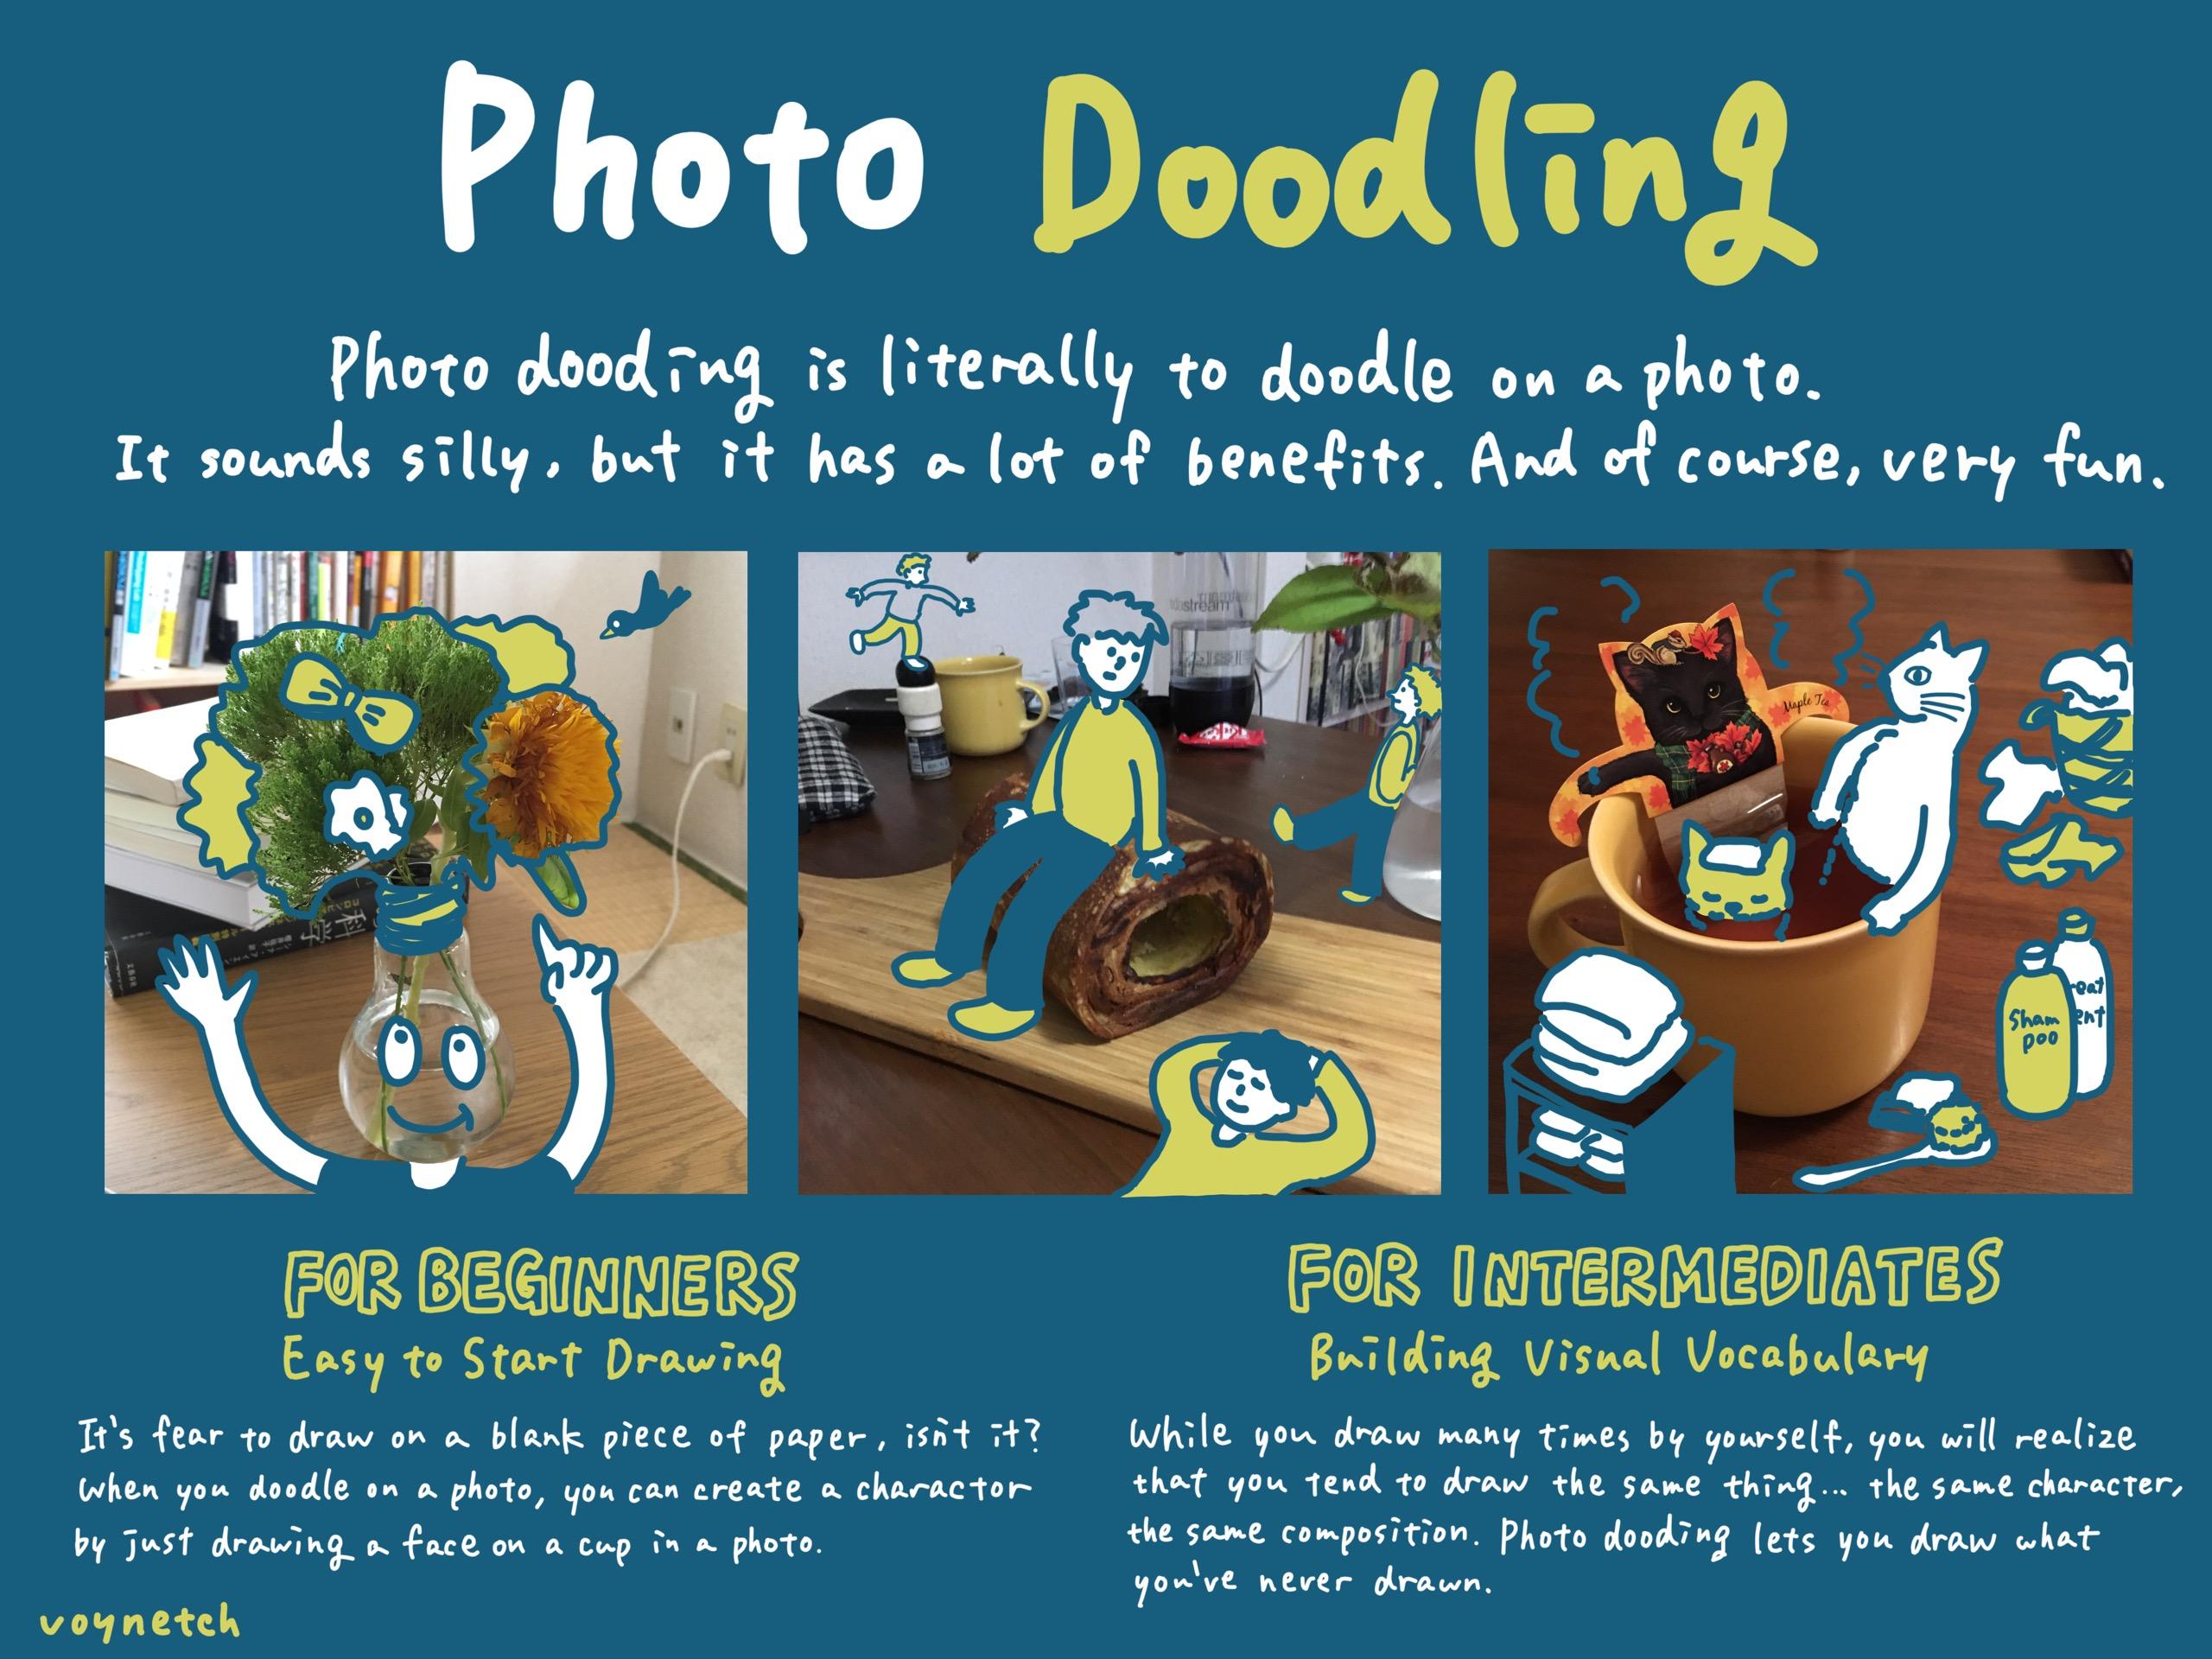 Photo Doodling Image